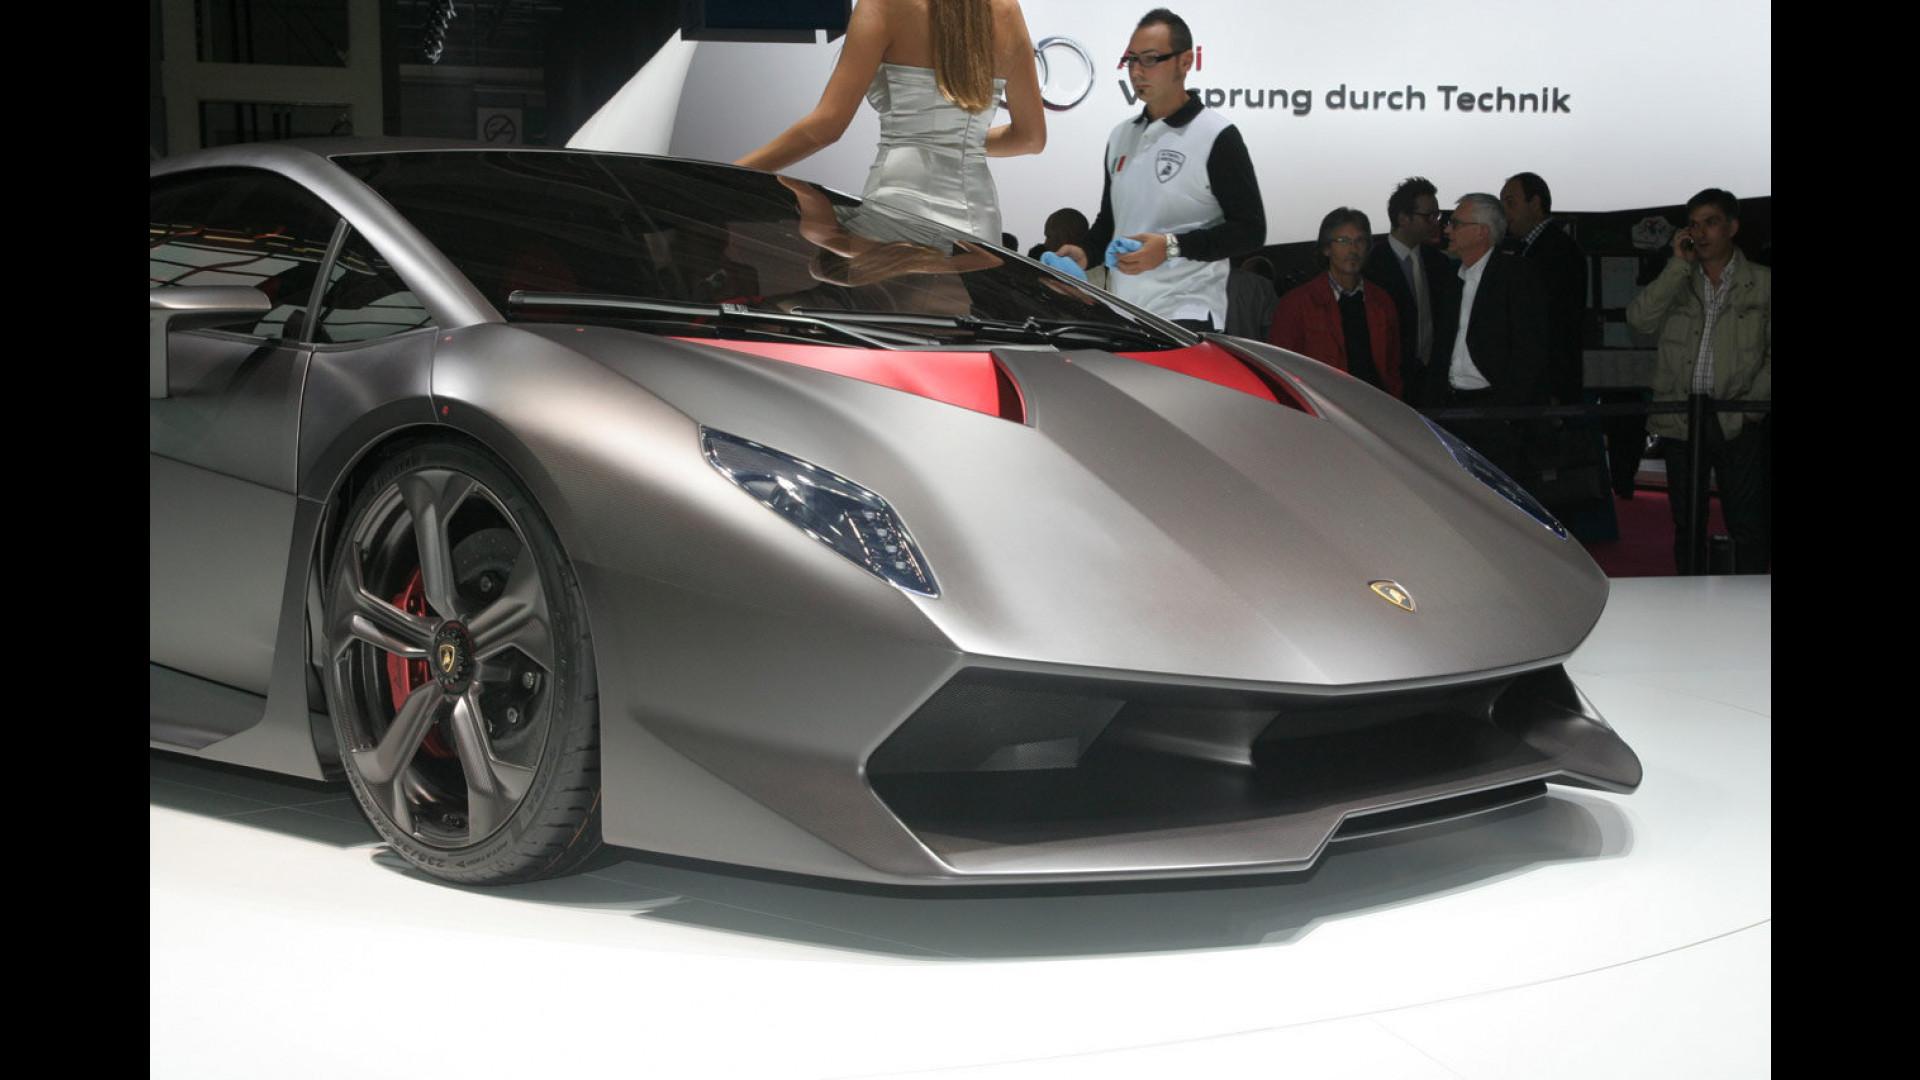 La Lamborghini Sesto Elemento E Gia In Vendita Negli Usa